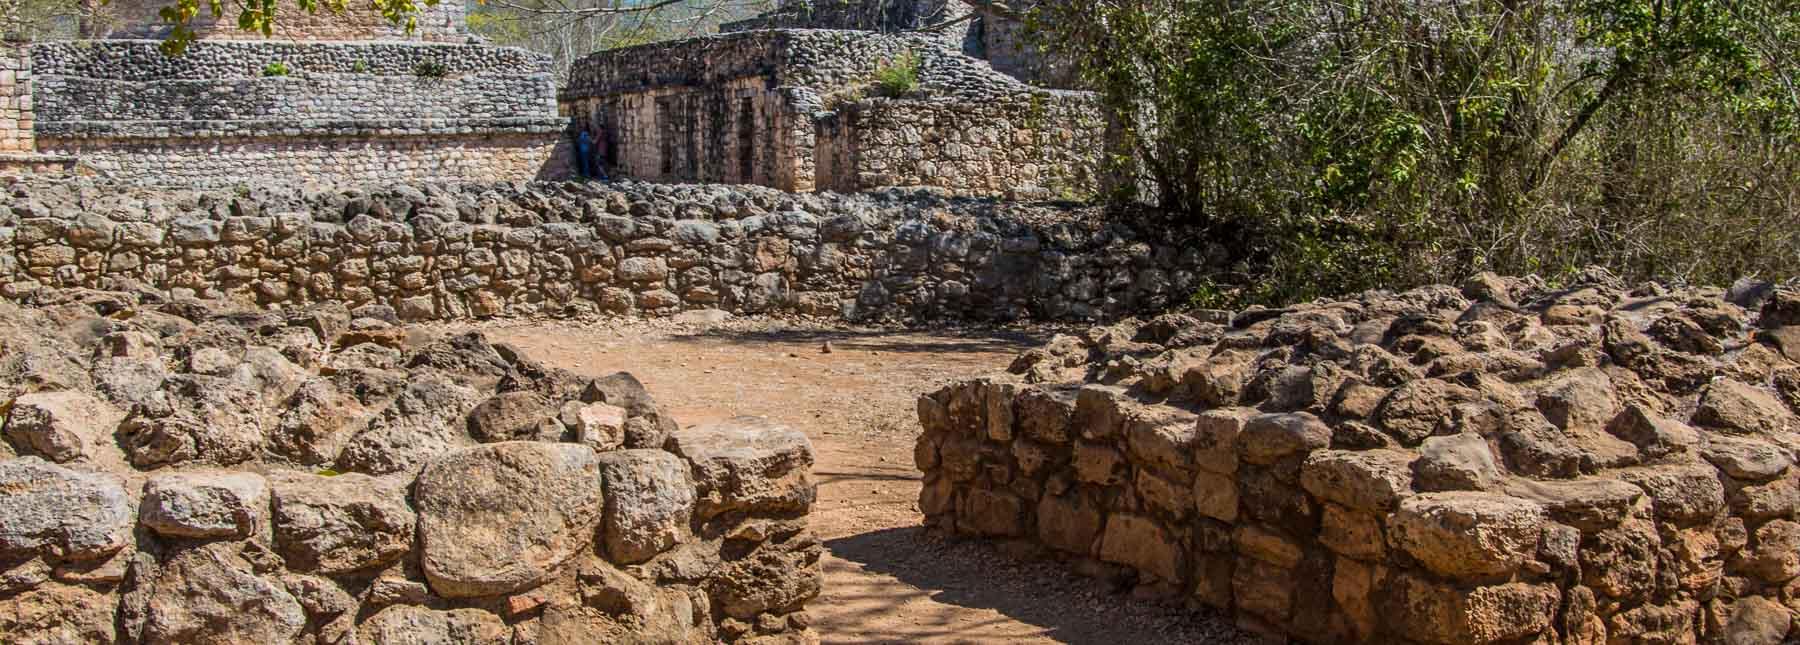 Walls at the Ek Balam ruins.